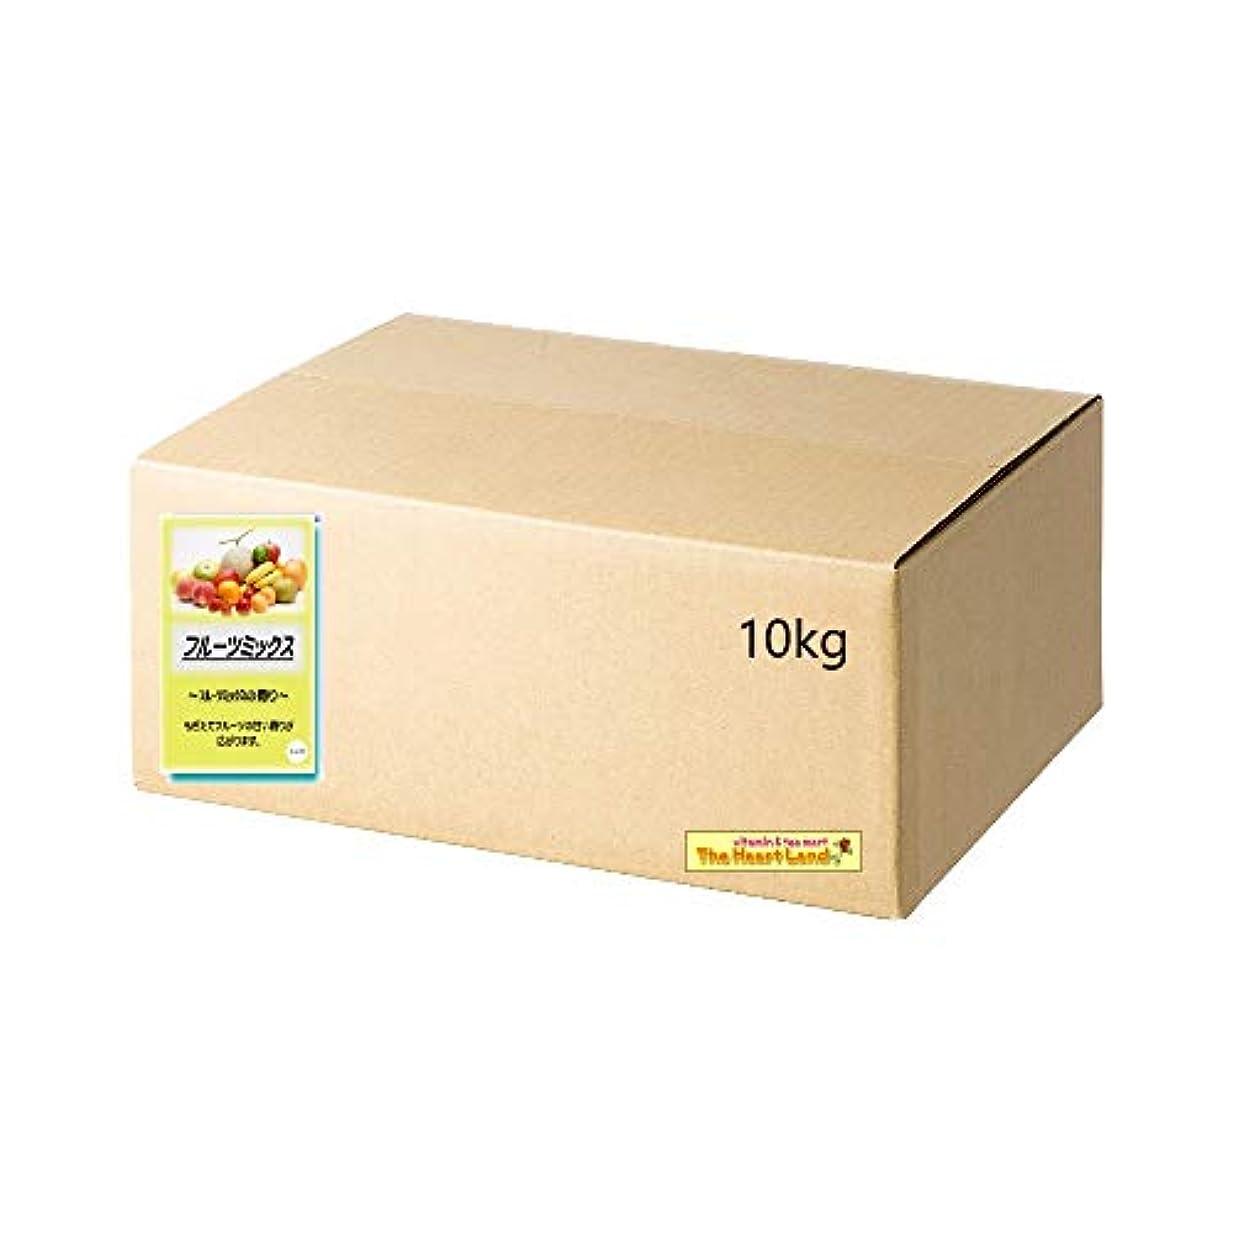 機構シンボル飲み込むアサヒ入浴剤 浴用入浴化粧品 フルーツミックス 10kg